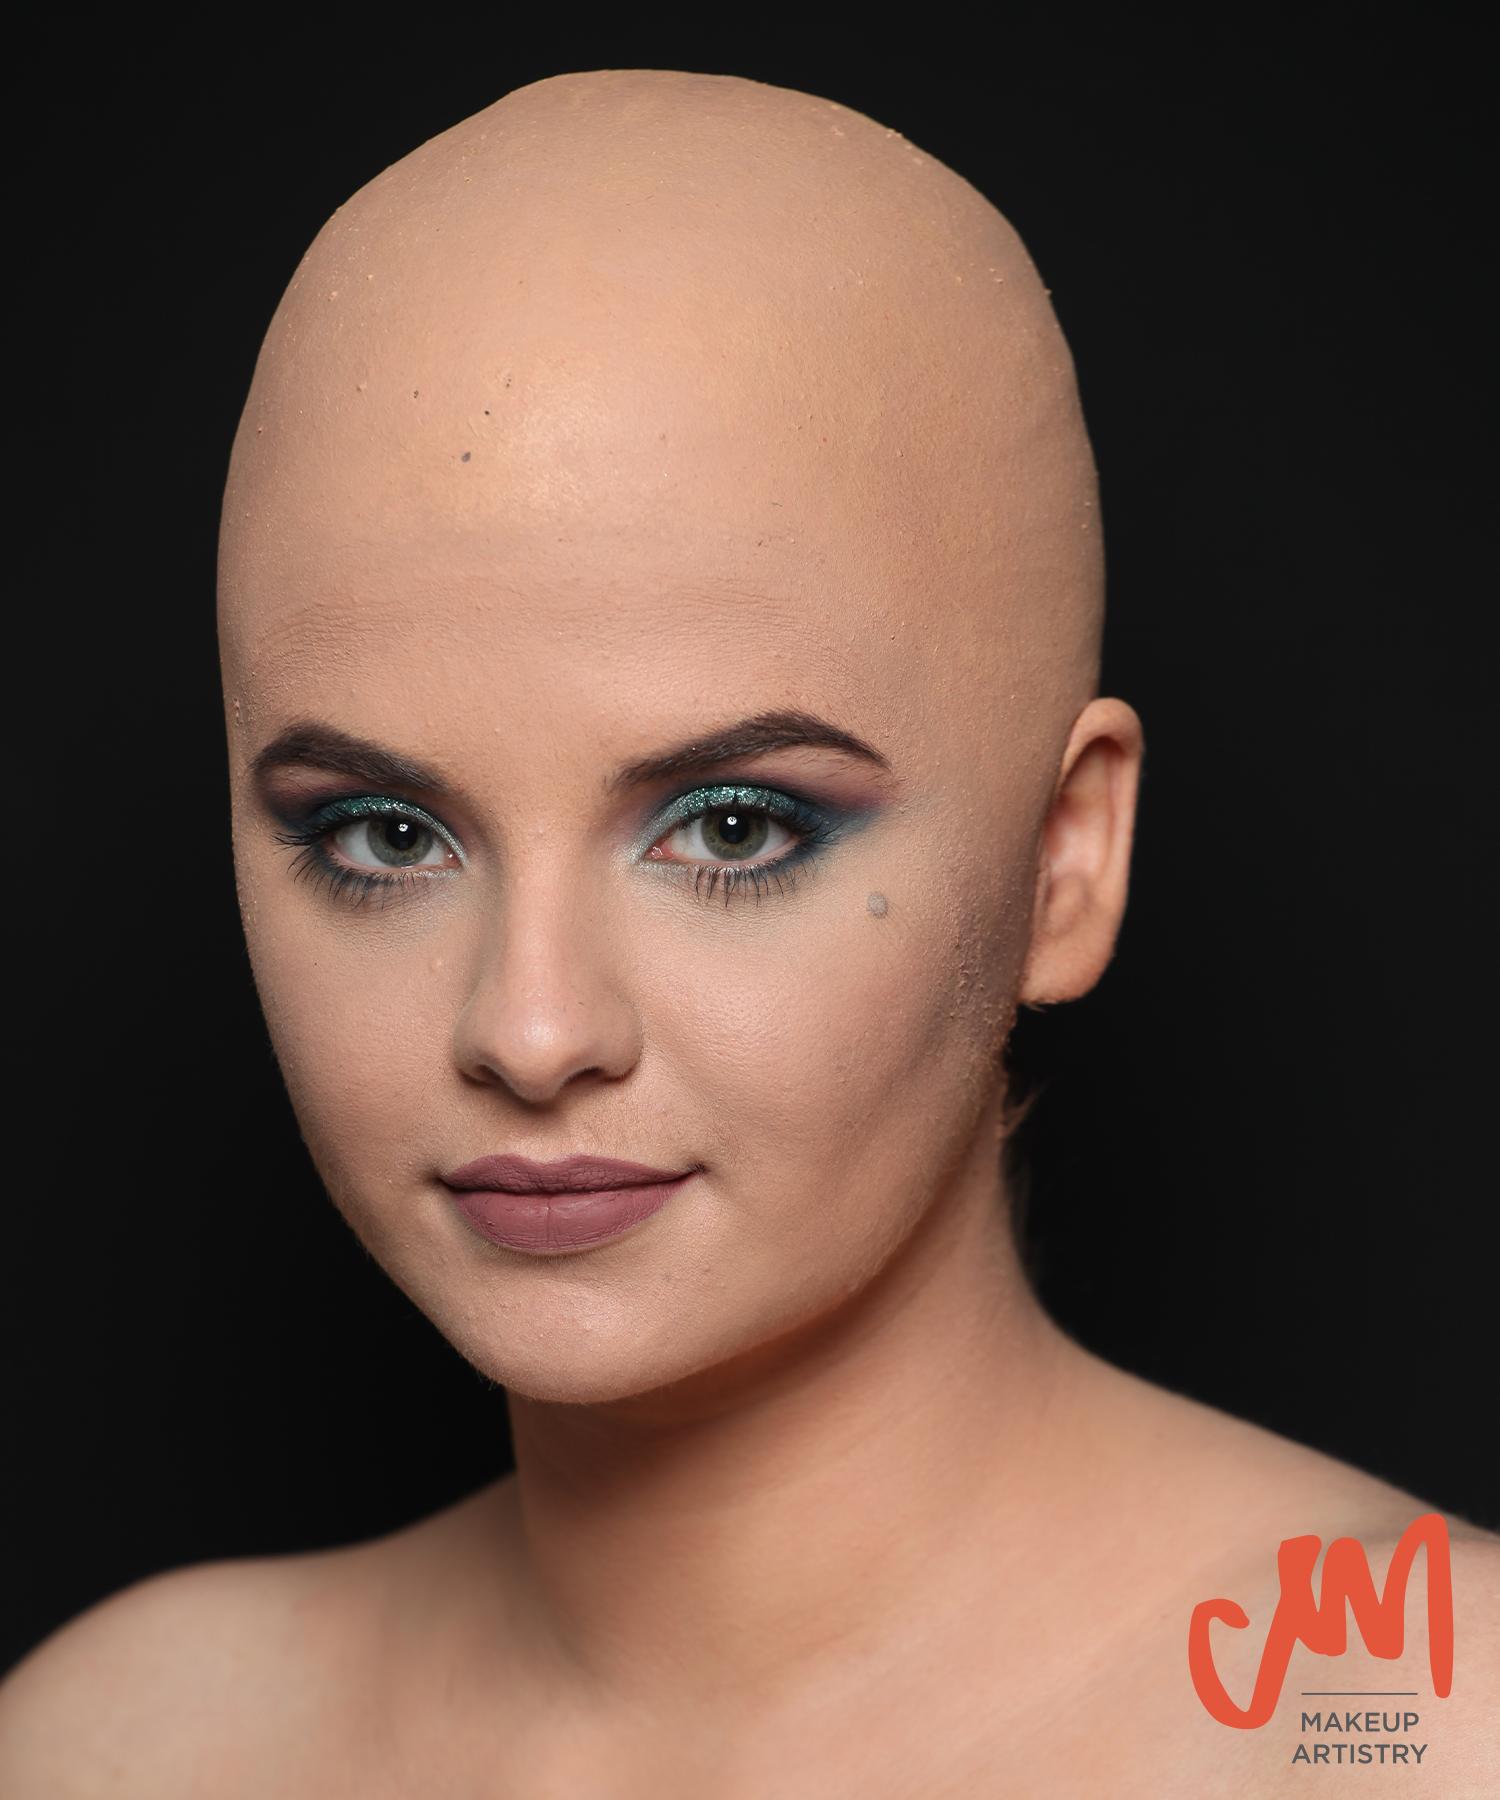 bald cap, special effects makeup, sfx, glamour makeup, claire mints, bald women